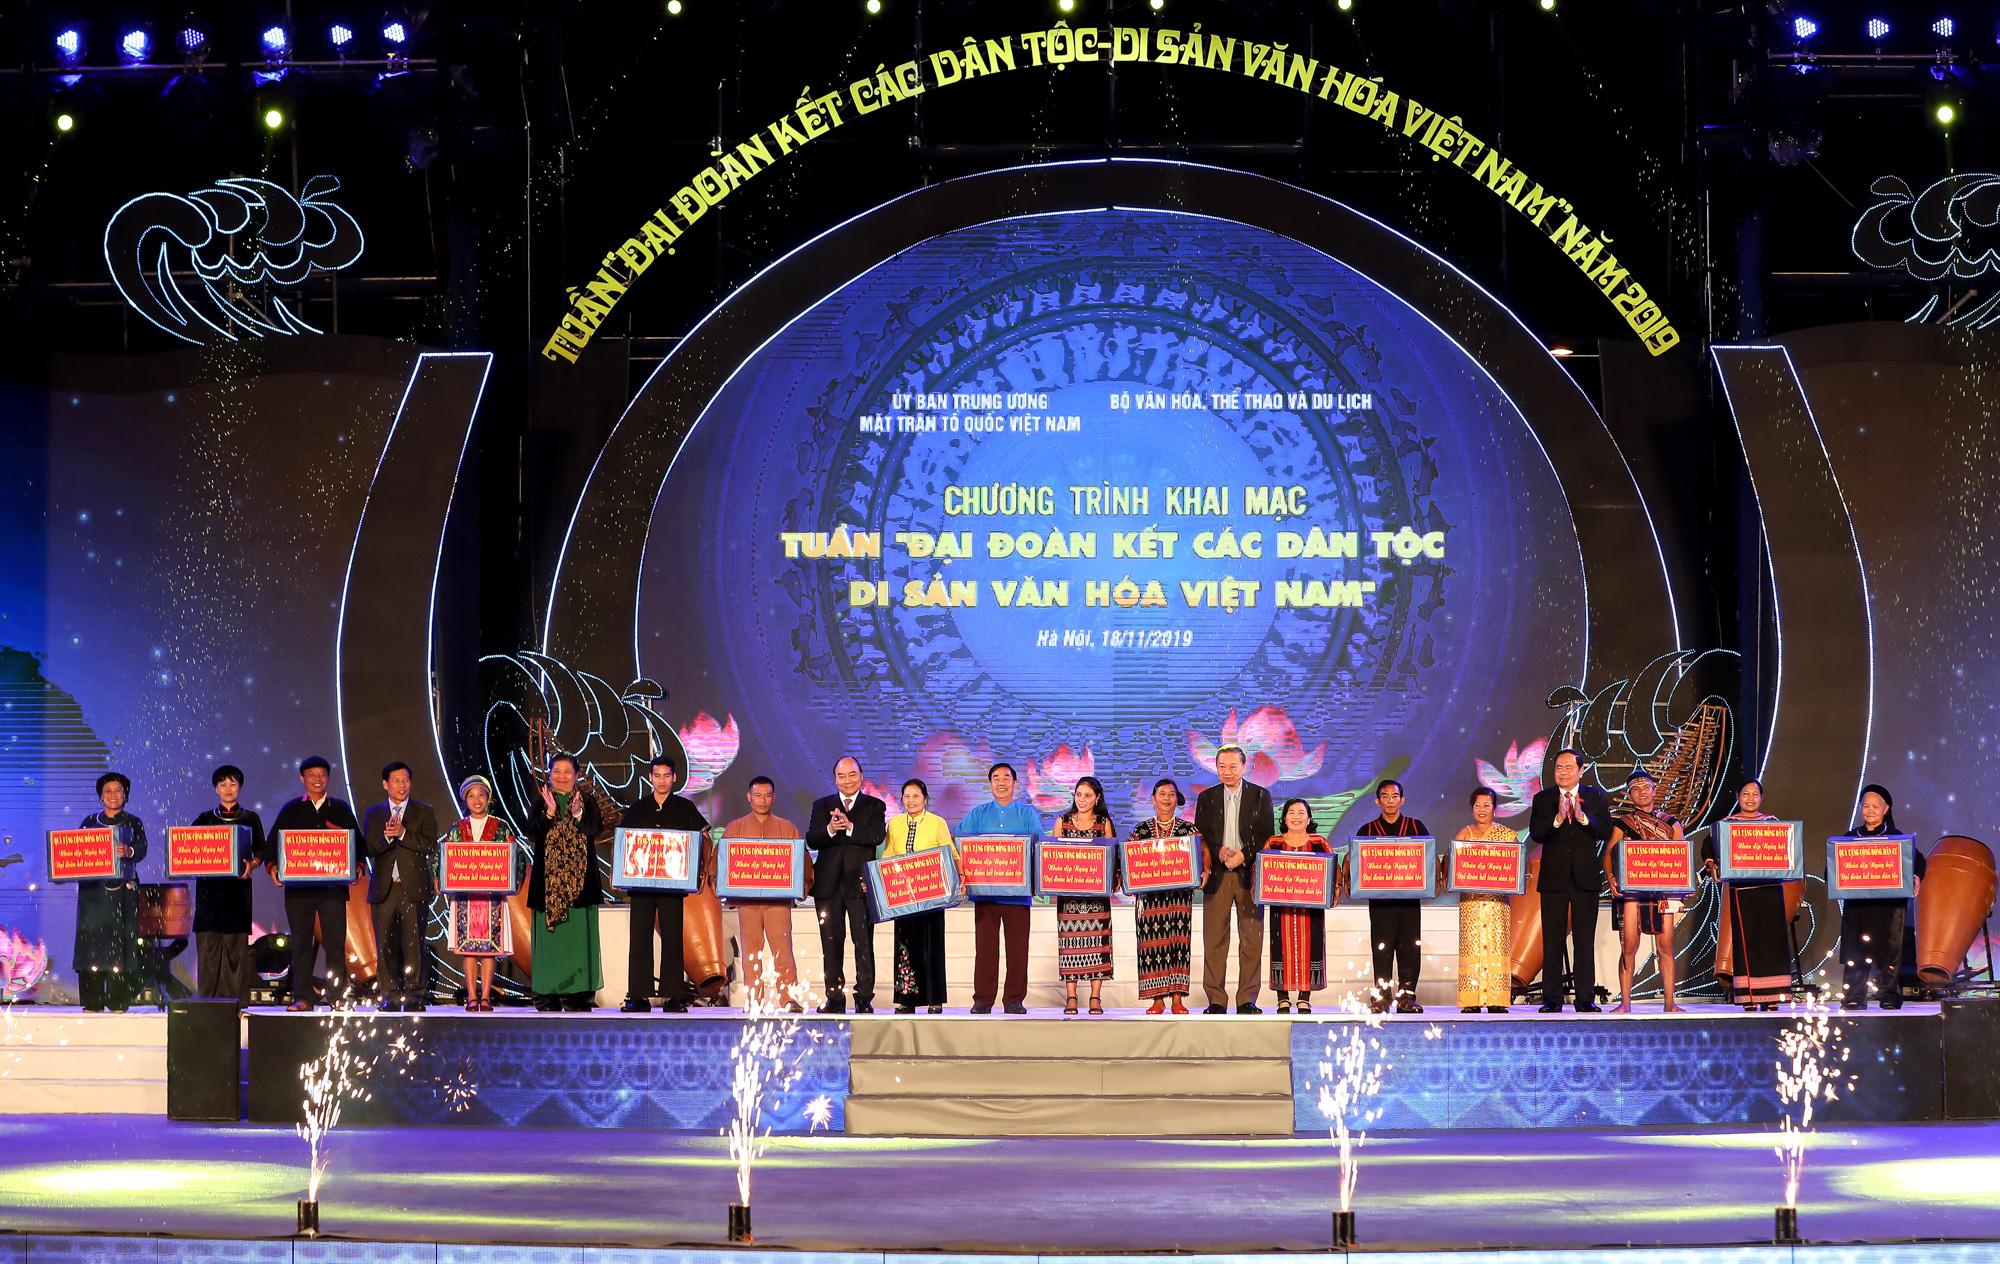 """Thủ tướng Nguyễn Xuân Phúc: """"Truyền thống đại đoàn kết, trên dưới một lòng đã làm nên sức mạnh vô bờ bến cho dân tộc Việt Nam""""  - Ảnh 3."""